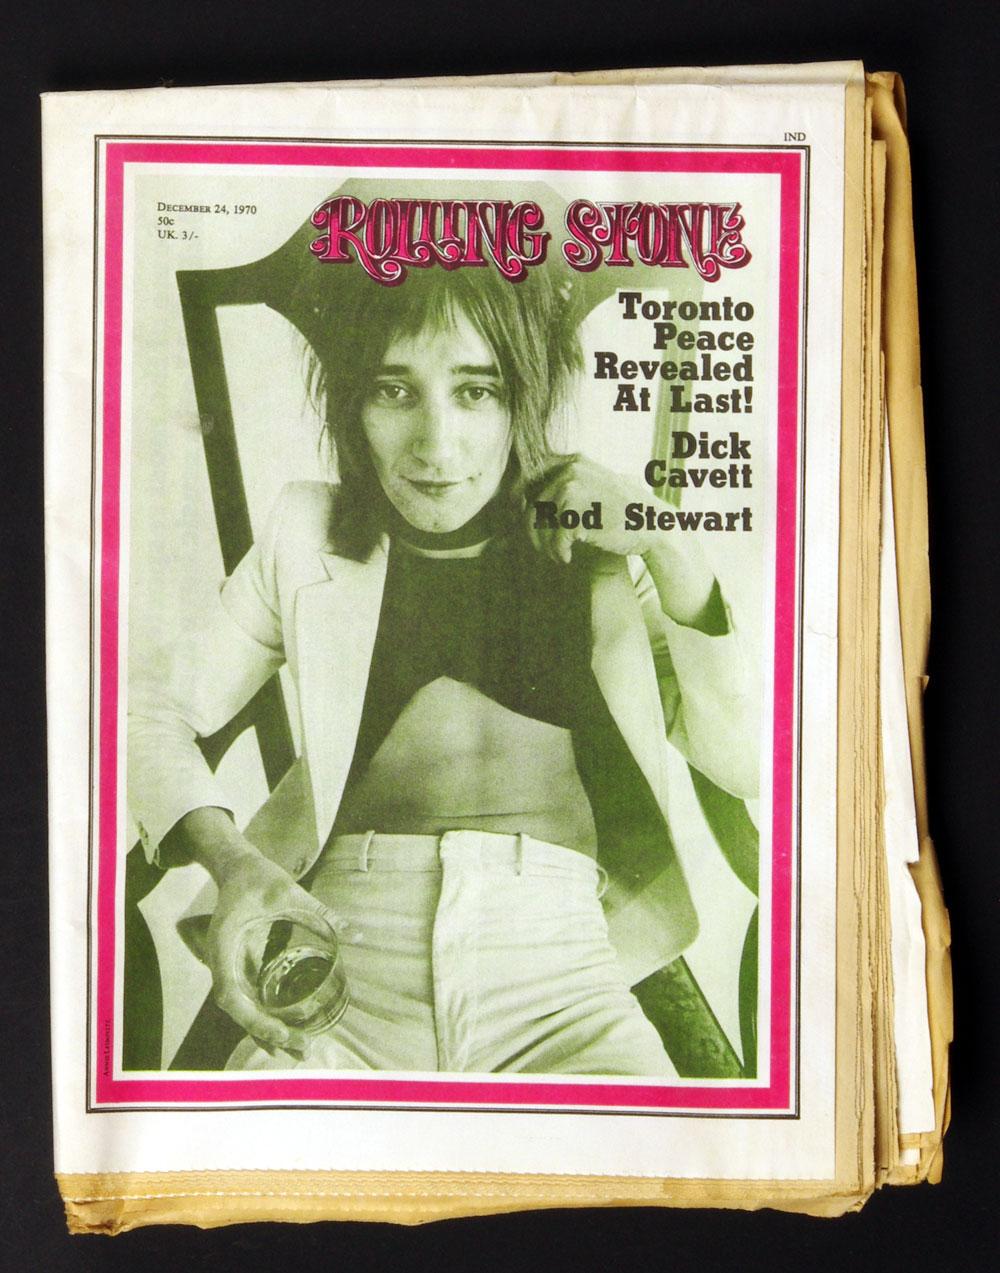 Rolling Stone Magazine 1970 Dec 24 No. 73 Rod Stewart